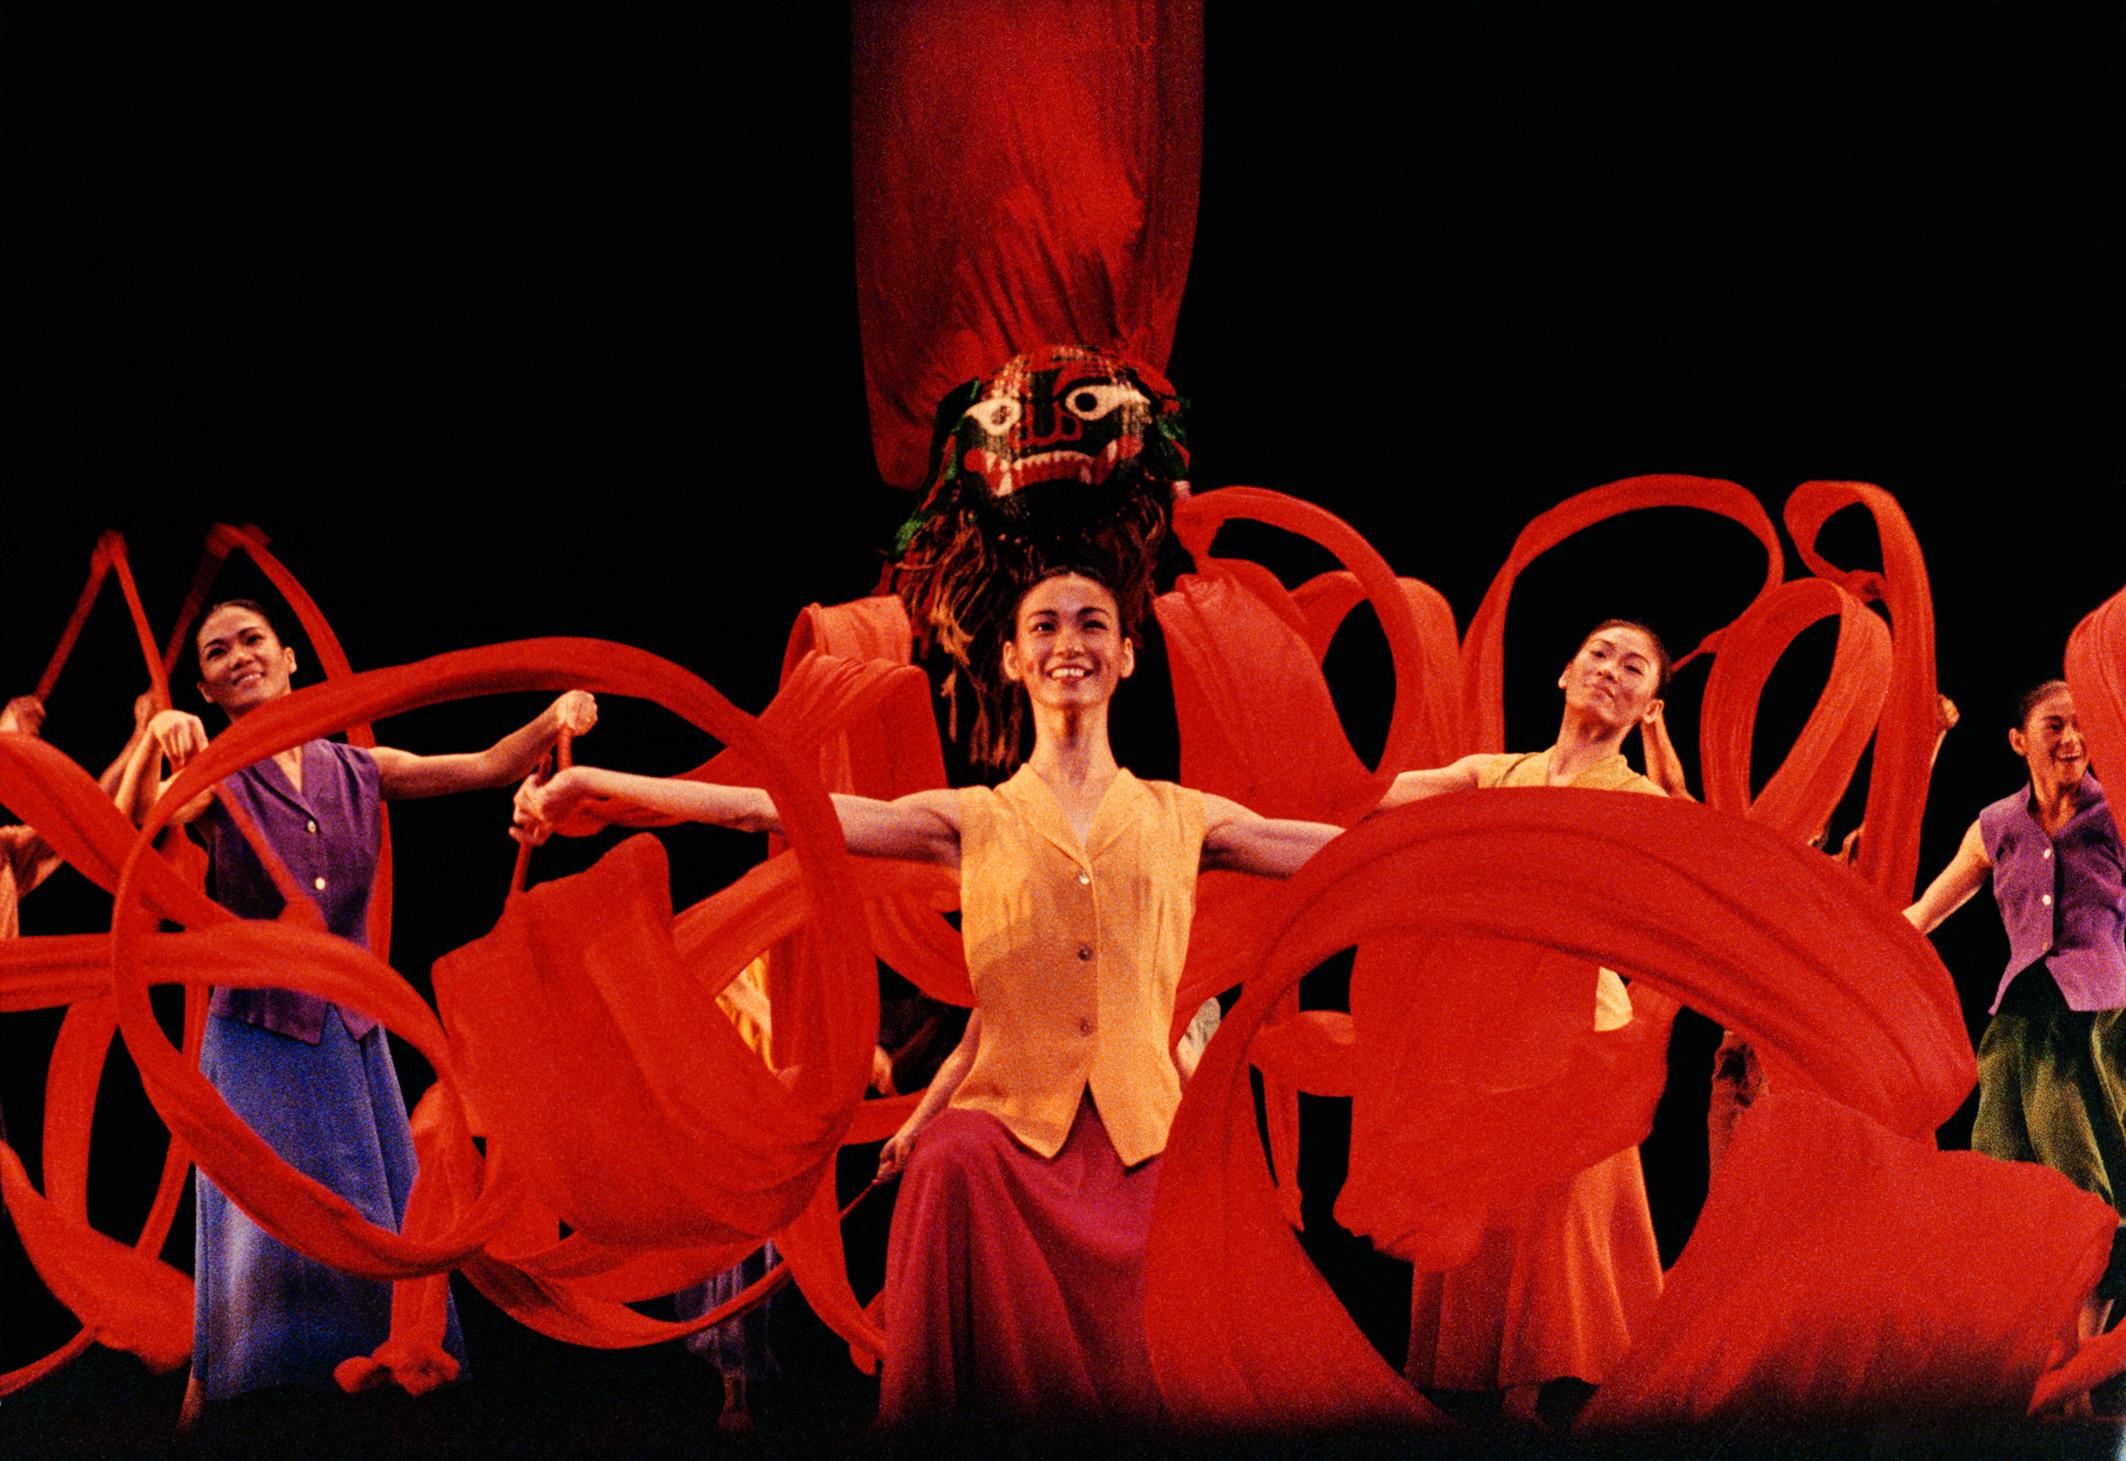 1990年代,臺灣舞蹈團體進入國際舞壇,例如雲門舞集《薪傳》裡的〈節慶〉一段舞臺灣獅,再現舞蹈庶民文化節慶的場景。.jpg